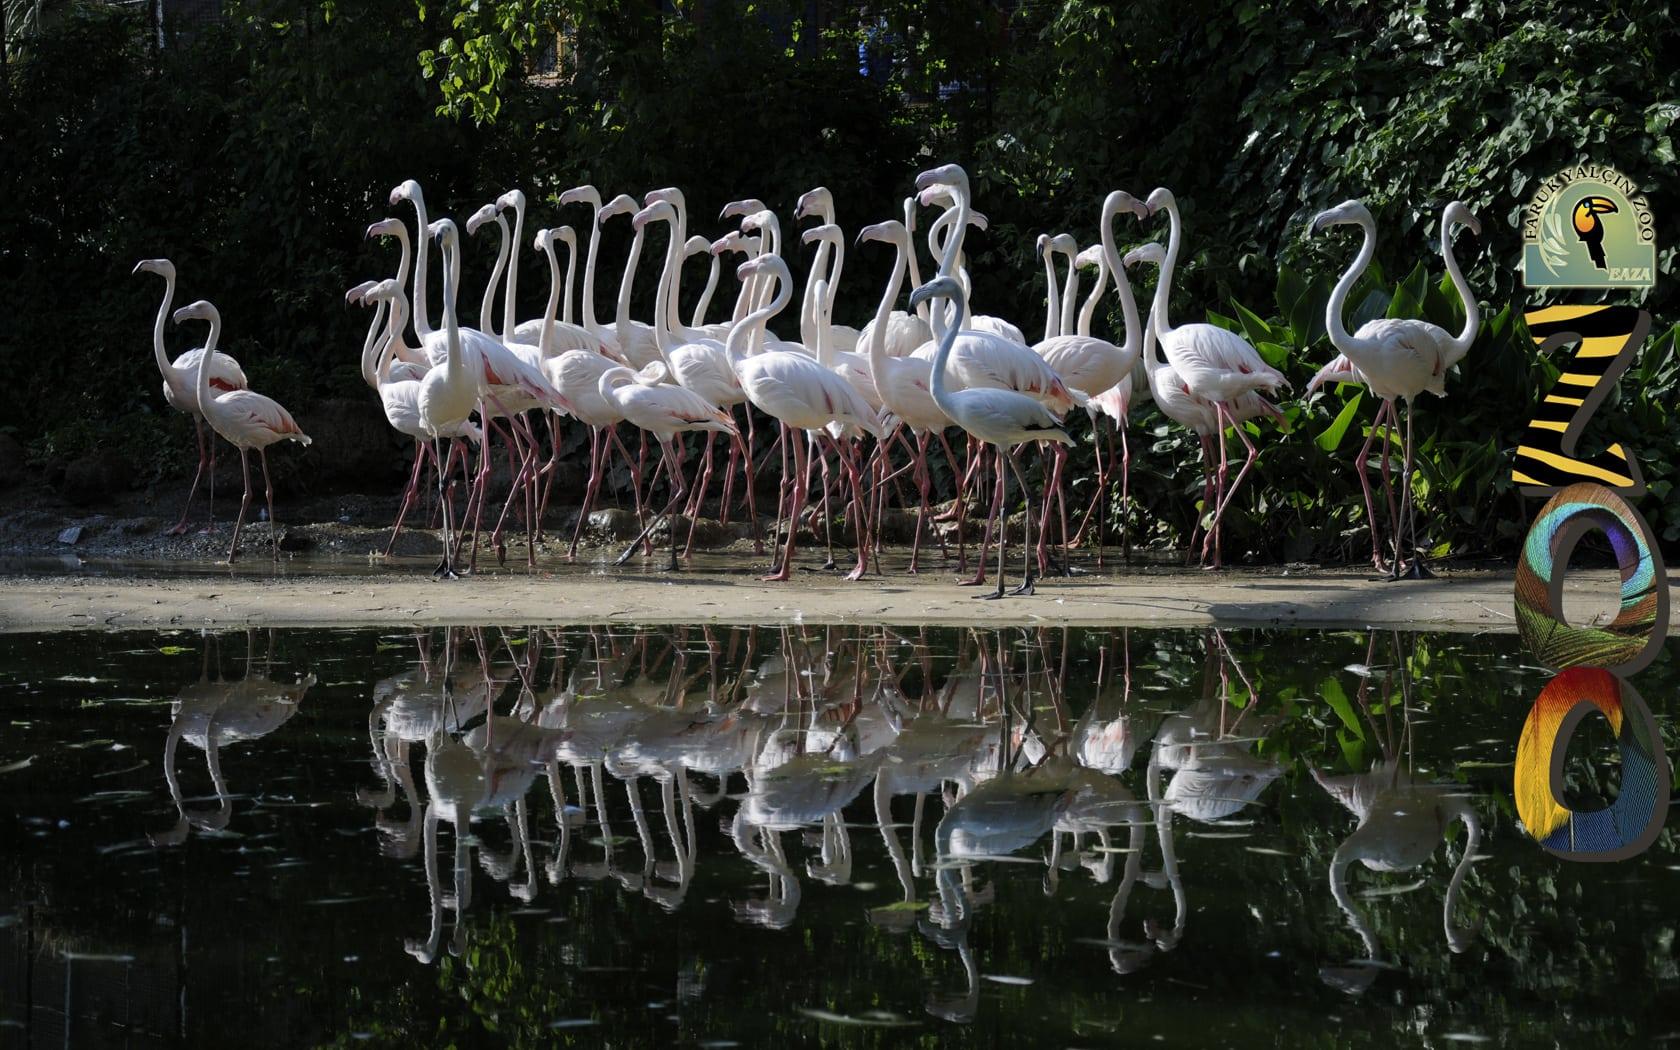 اهم الانشطة الترفيهيه فى حديقة الحيوانات تركيا | حديقة الحيوانات فى تركيا